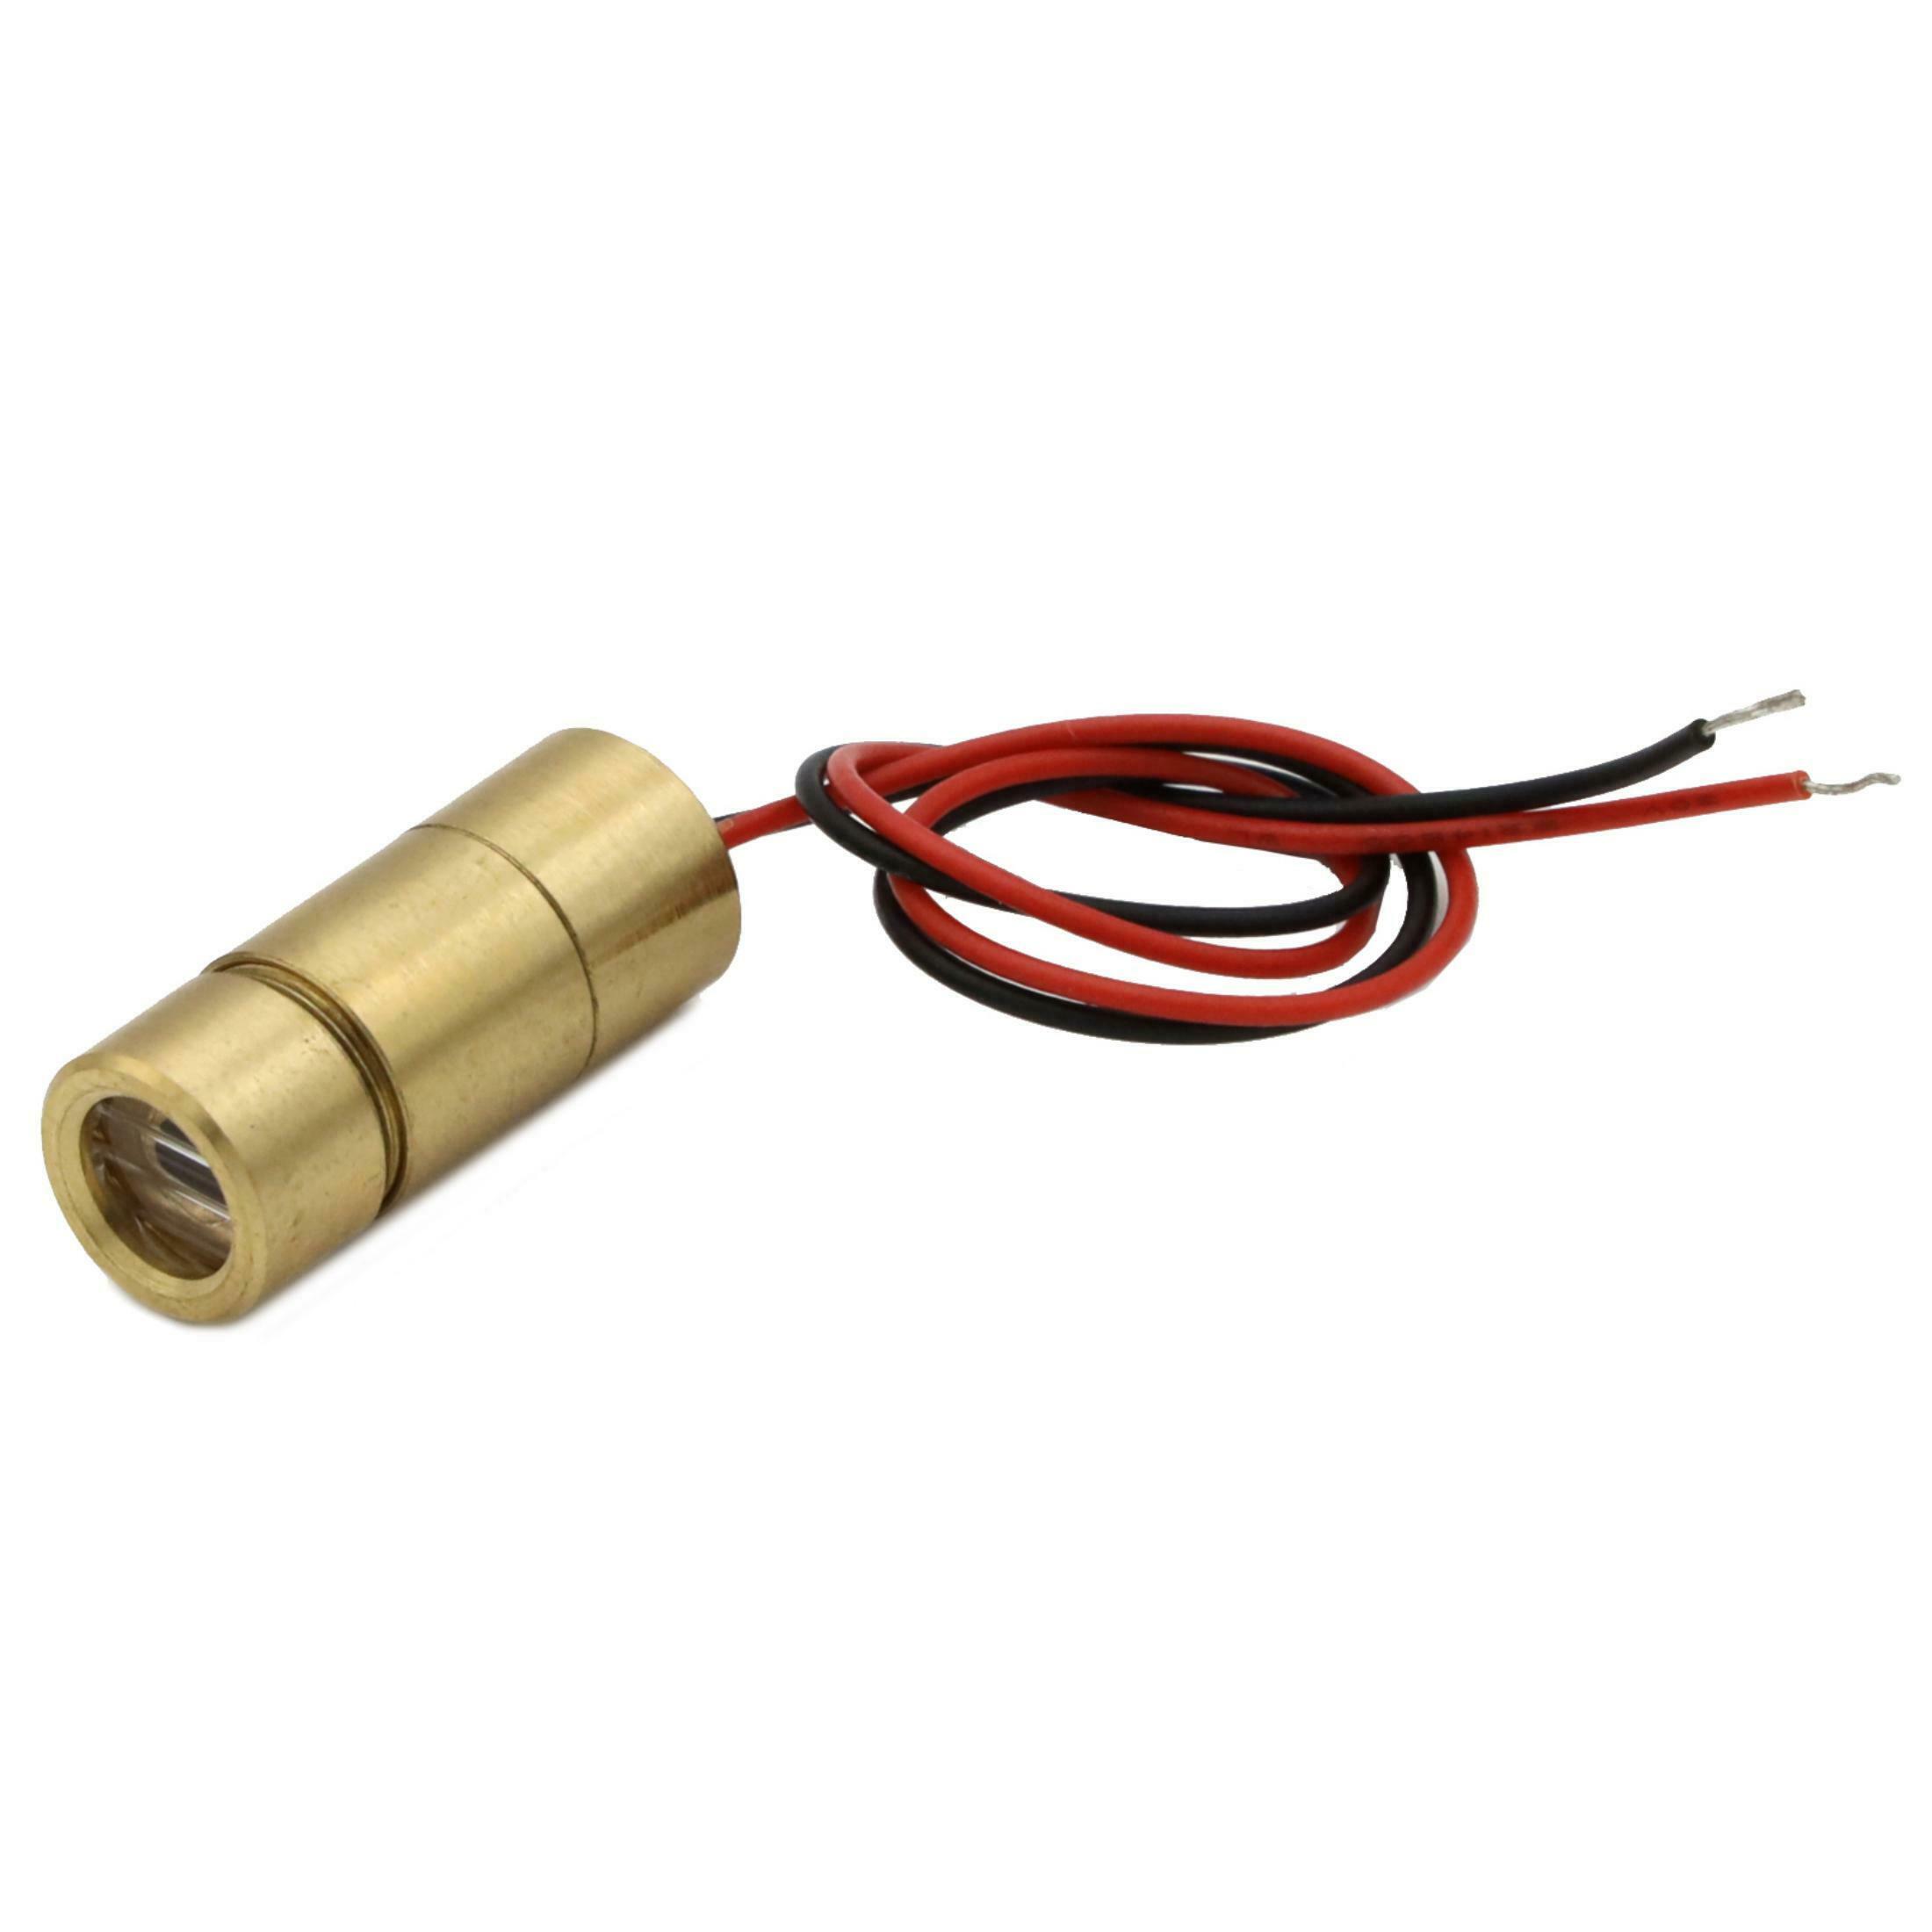 Laserfuchs Laser LH635-5-5(9x21)60-ADJ-C5000